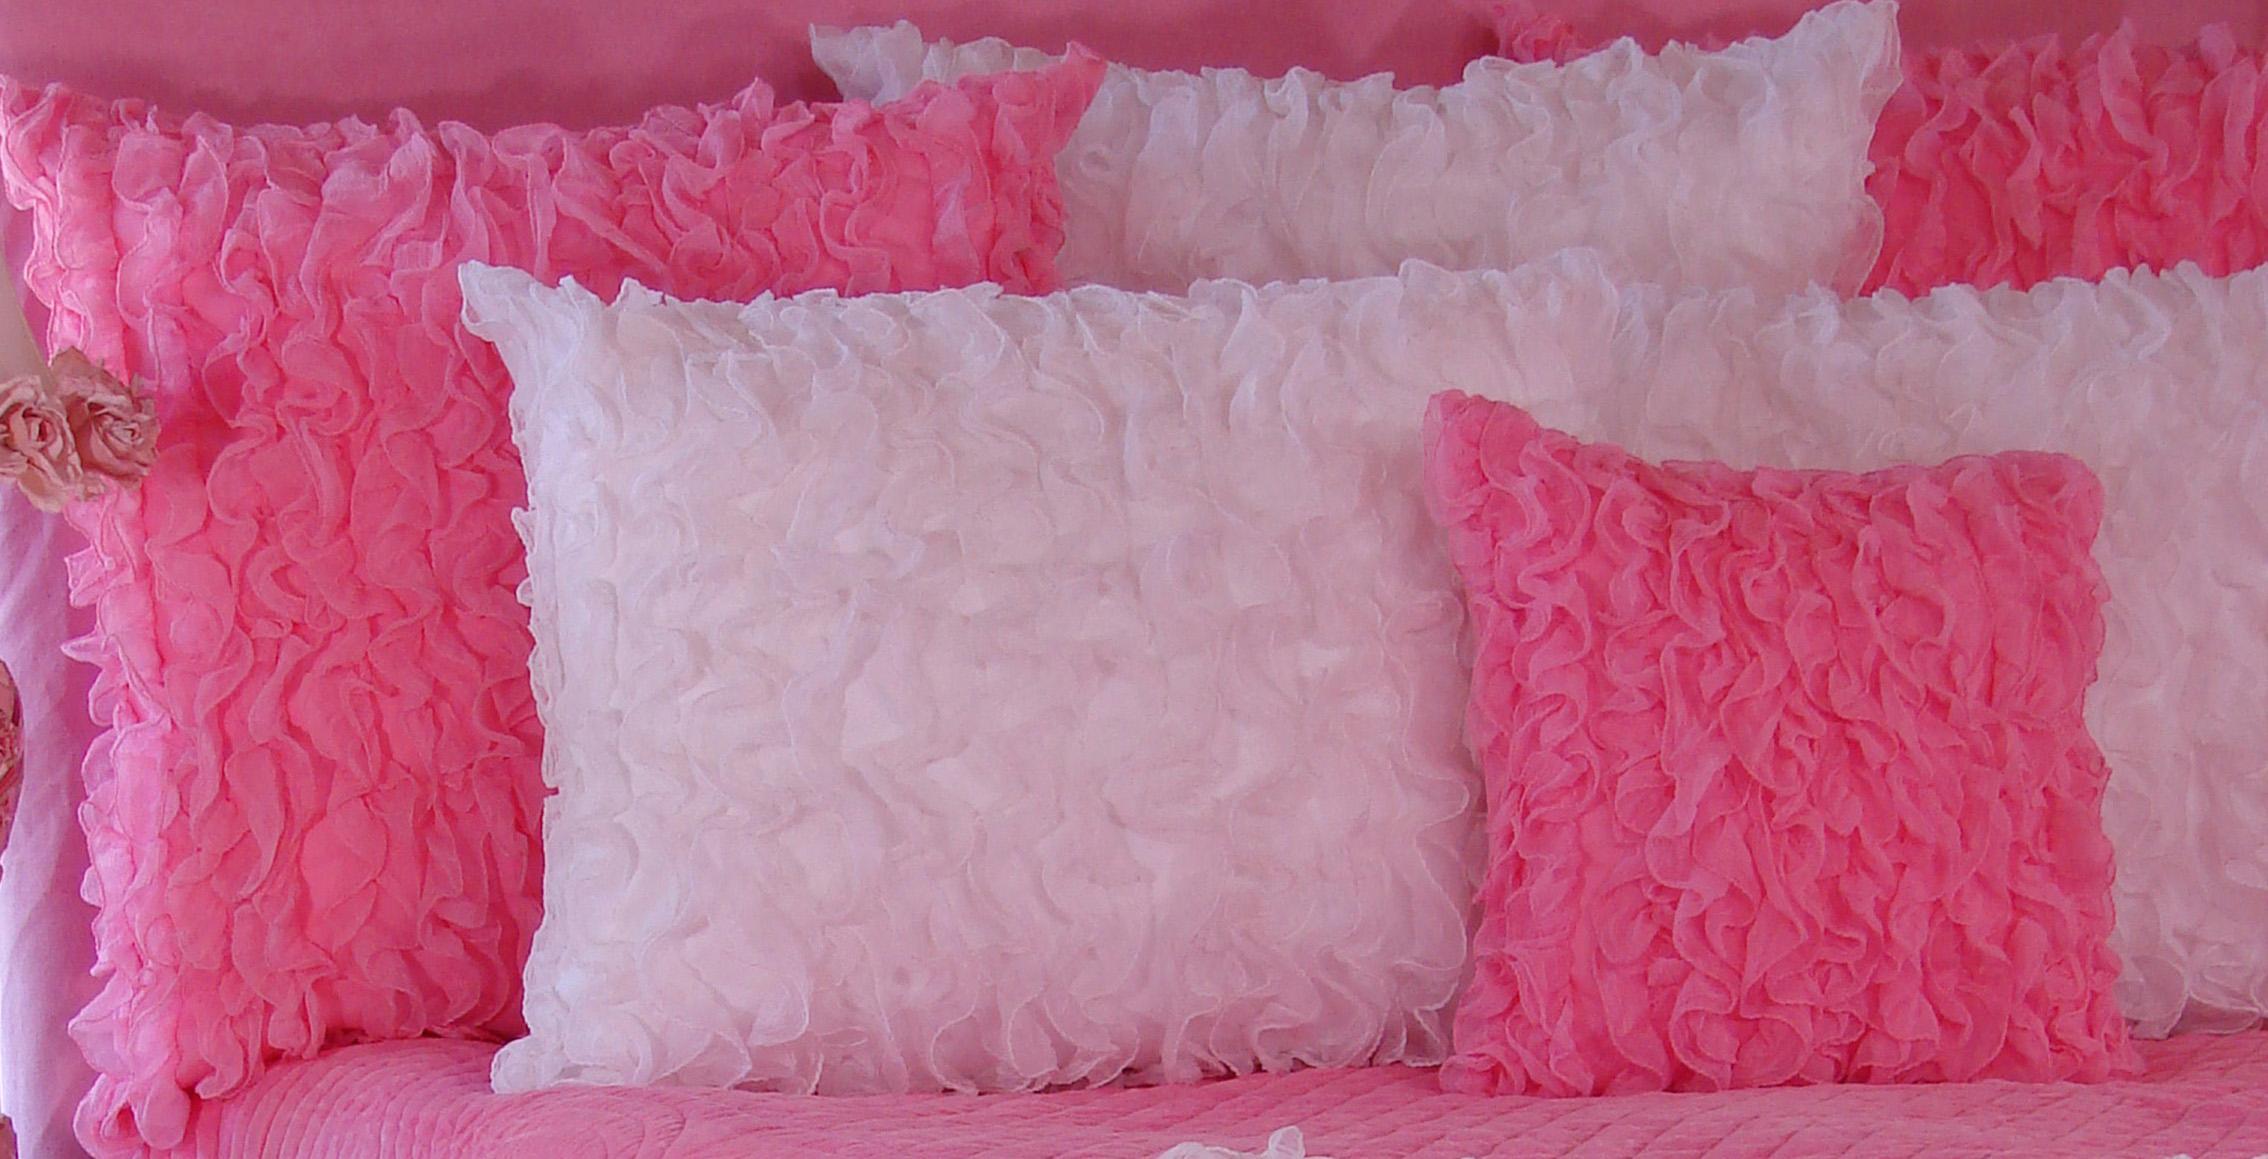 hot pink chiffon ruffle pillow